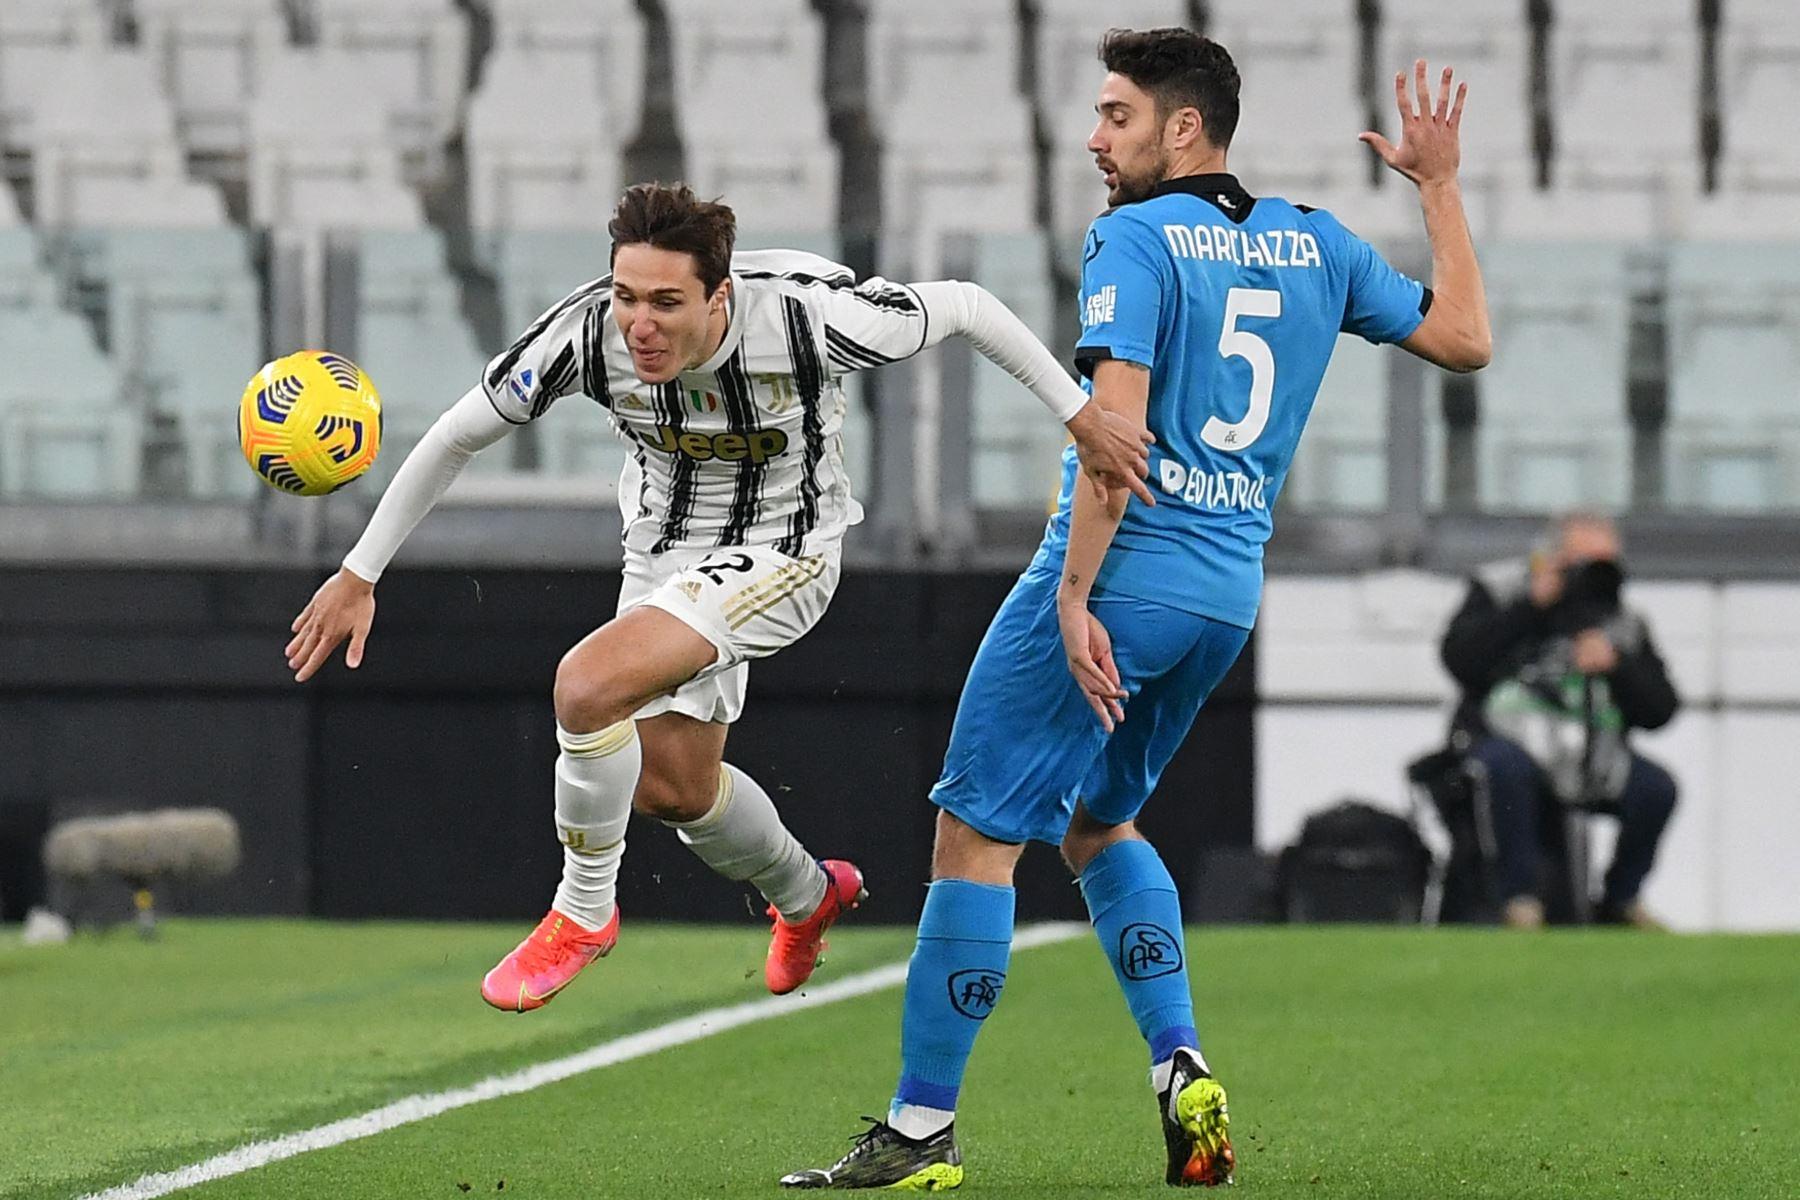 El delantero italiano de la Juventus Federico Chiesa desafía al defensor italiano de Spezia Riccardo Marchizza durante el partido de fútbol de la Serie A. Foto: AFP